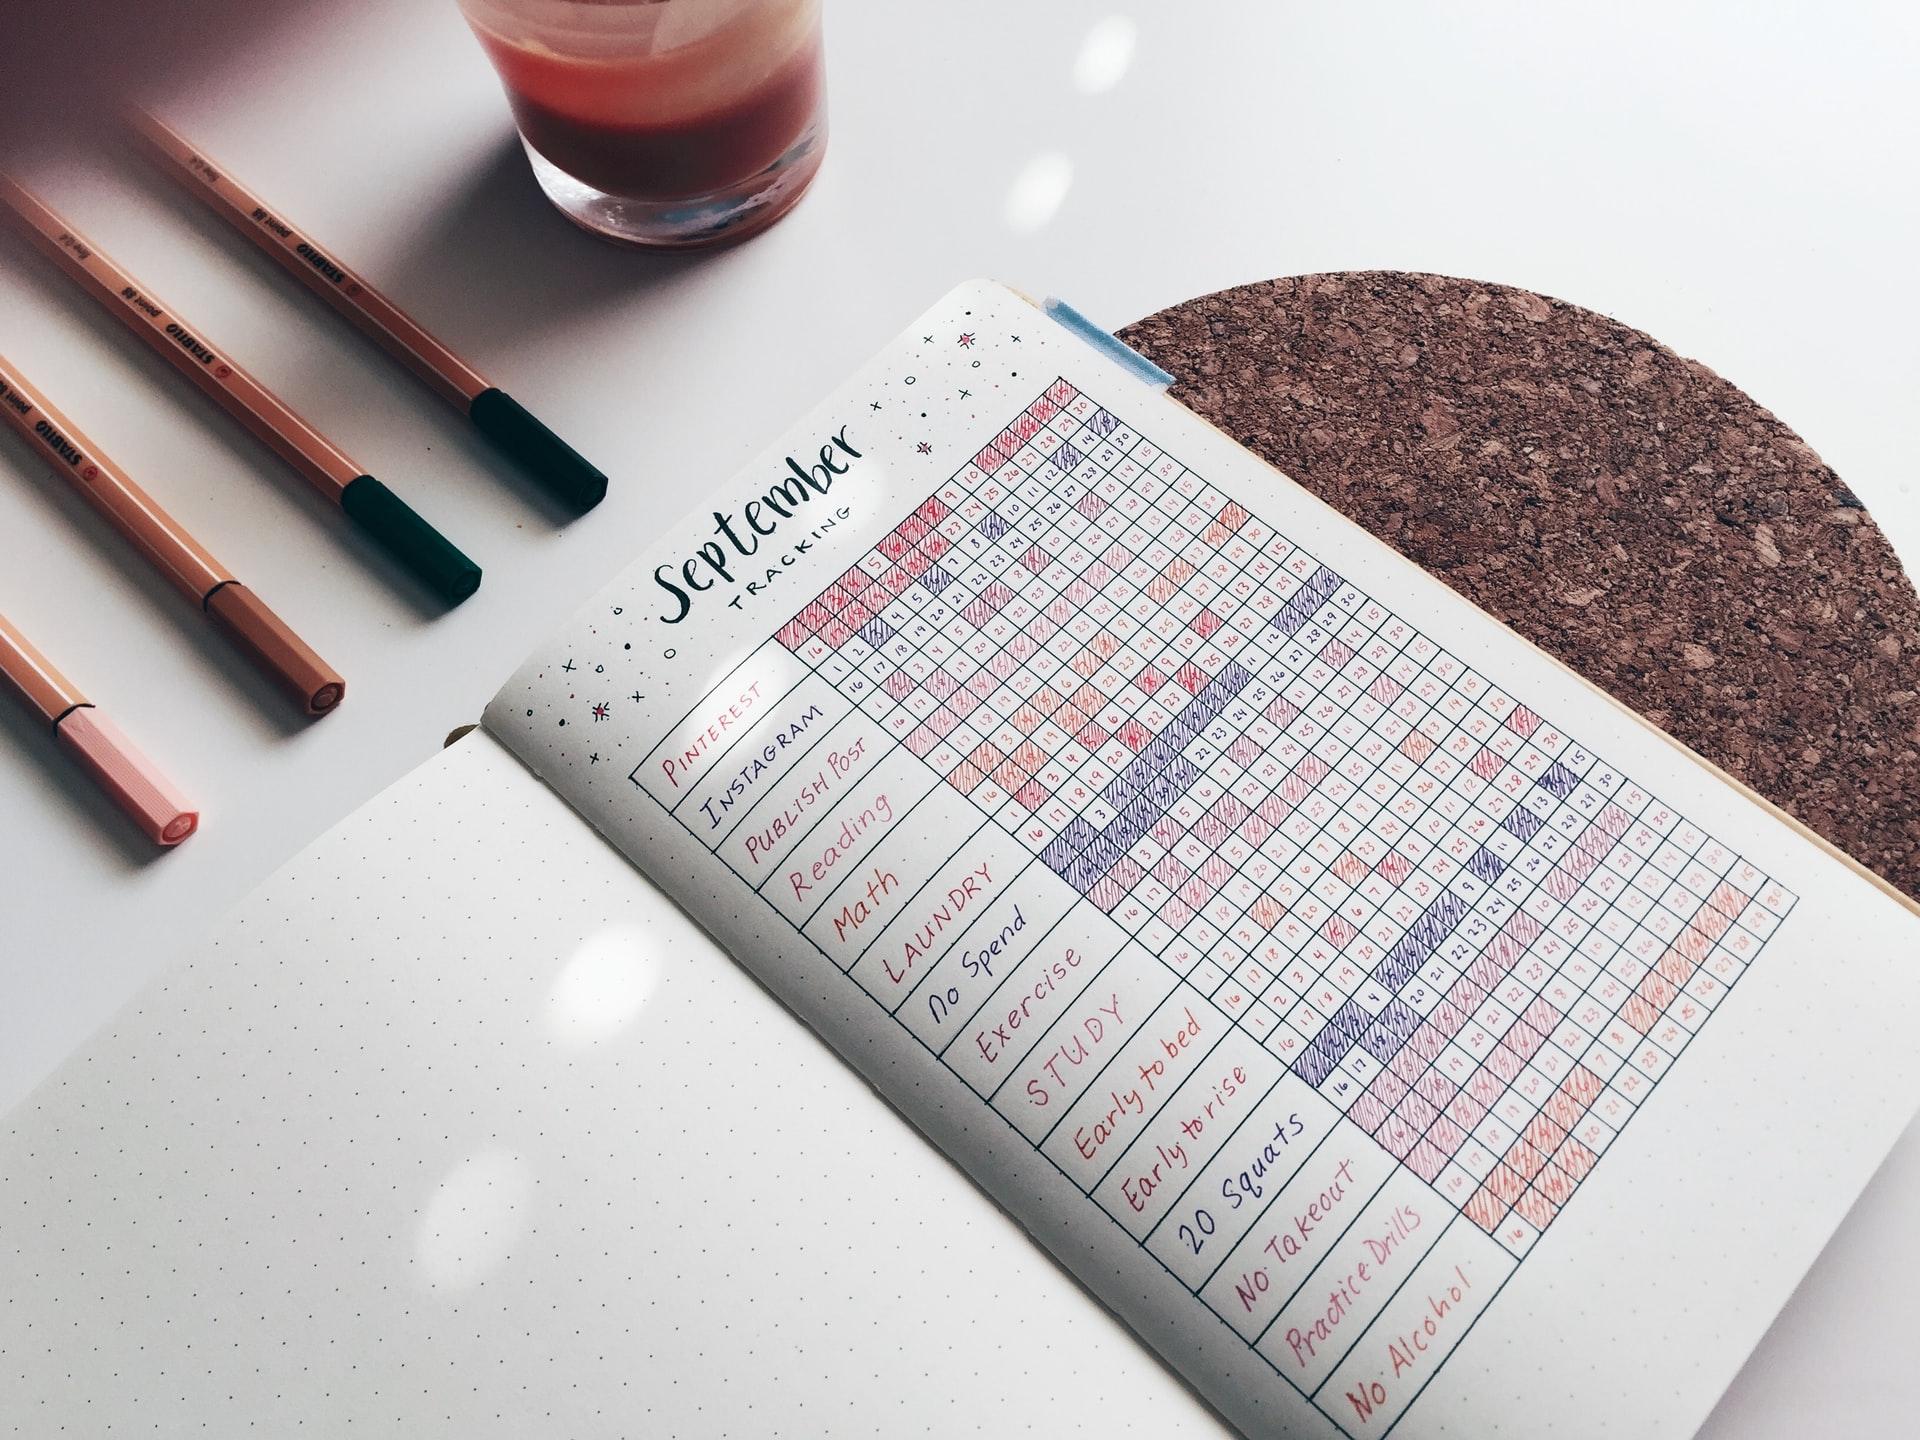 A habit tracker journal